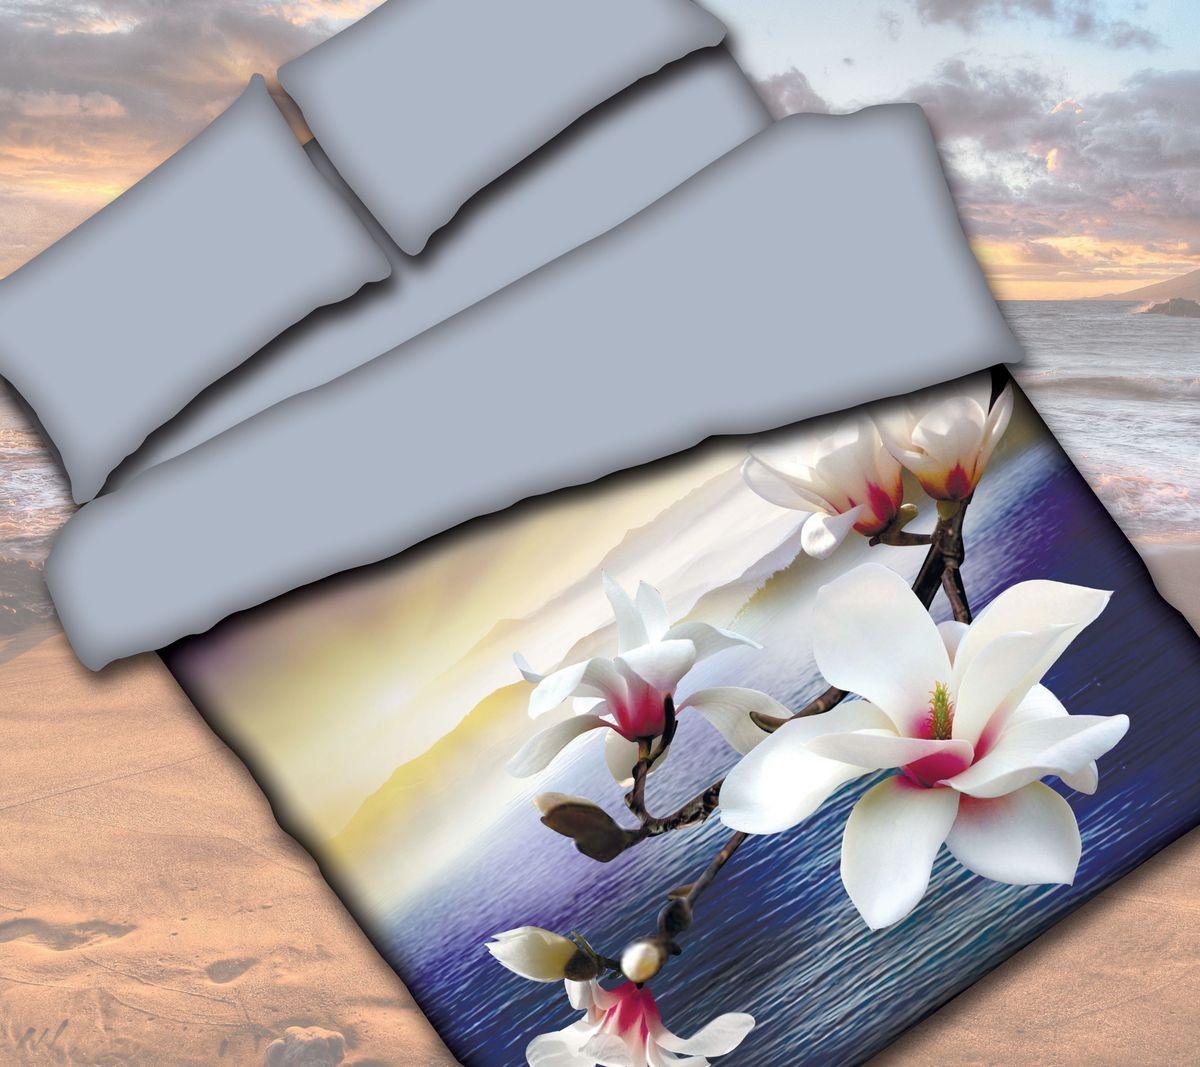 Комплект белья Коллекция Орхидея, 2,5-спальный, наволочки 50x70. СРП2,5/50/ОЗ/орхСРП2,5/50/ОЗ/орхКомплект постельного белья Коллекция прекрасно украсит любой интерьер. Выполнен из сатина. Сатин - это гладкая и прочная ткань, которая своим блеском, легкостью и гладкостью очень похожа на шелк. Ткань практически не мнется, поэтому его можно не гладить. Он практичен, так как хорошо переносит множественные стирки. Комплект включает в себя: простыню 240 х 224 см, пододеяльник 200 х 220 см,2 наволочки 50 х 70 см.